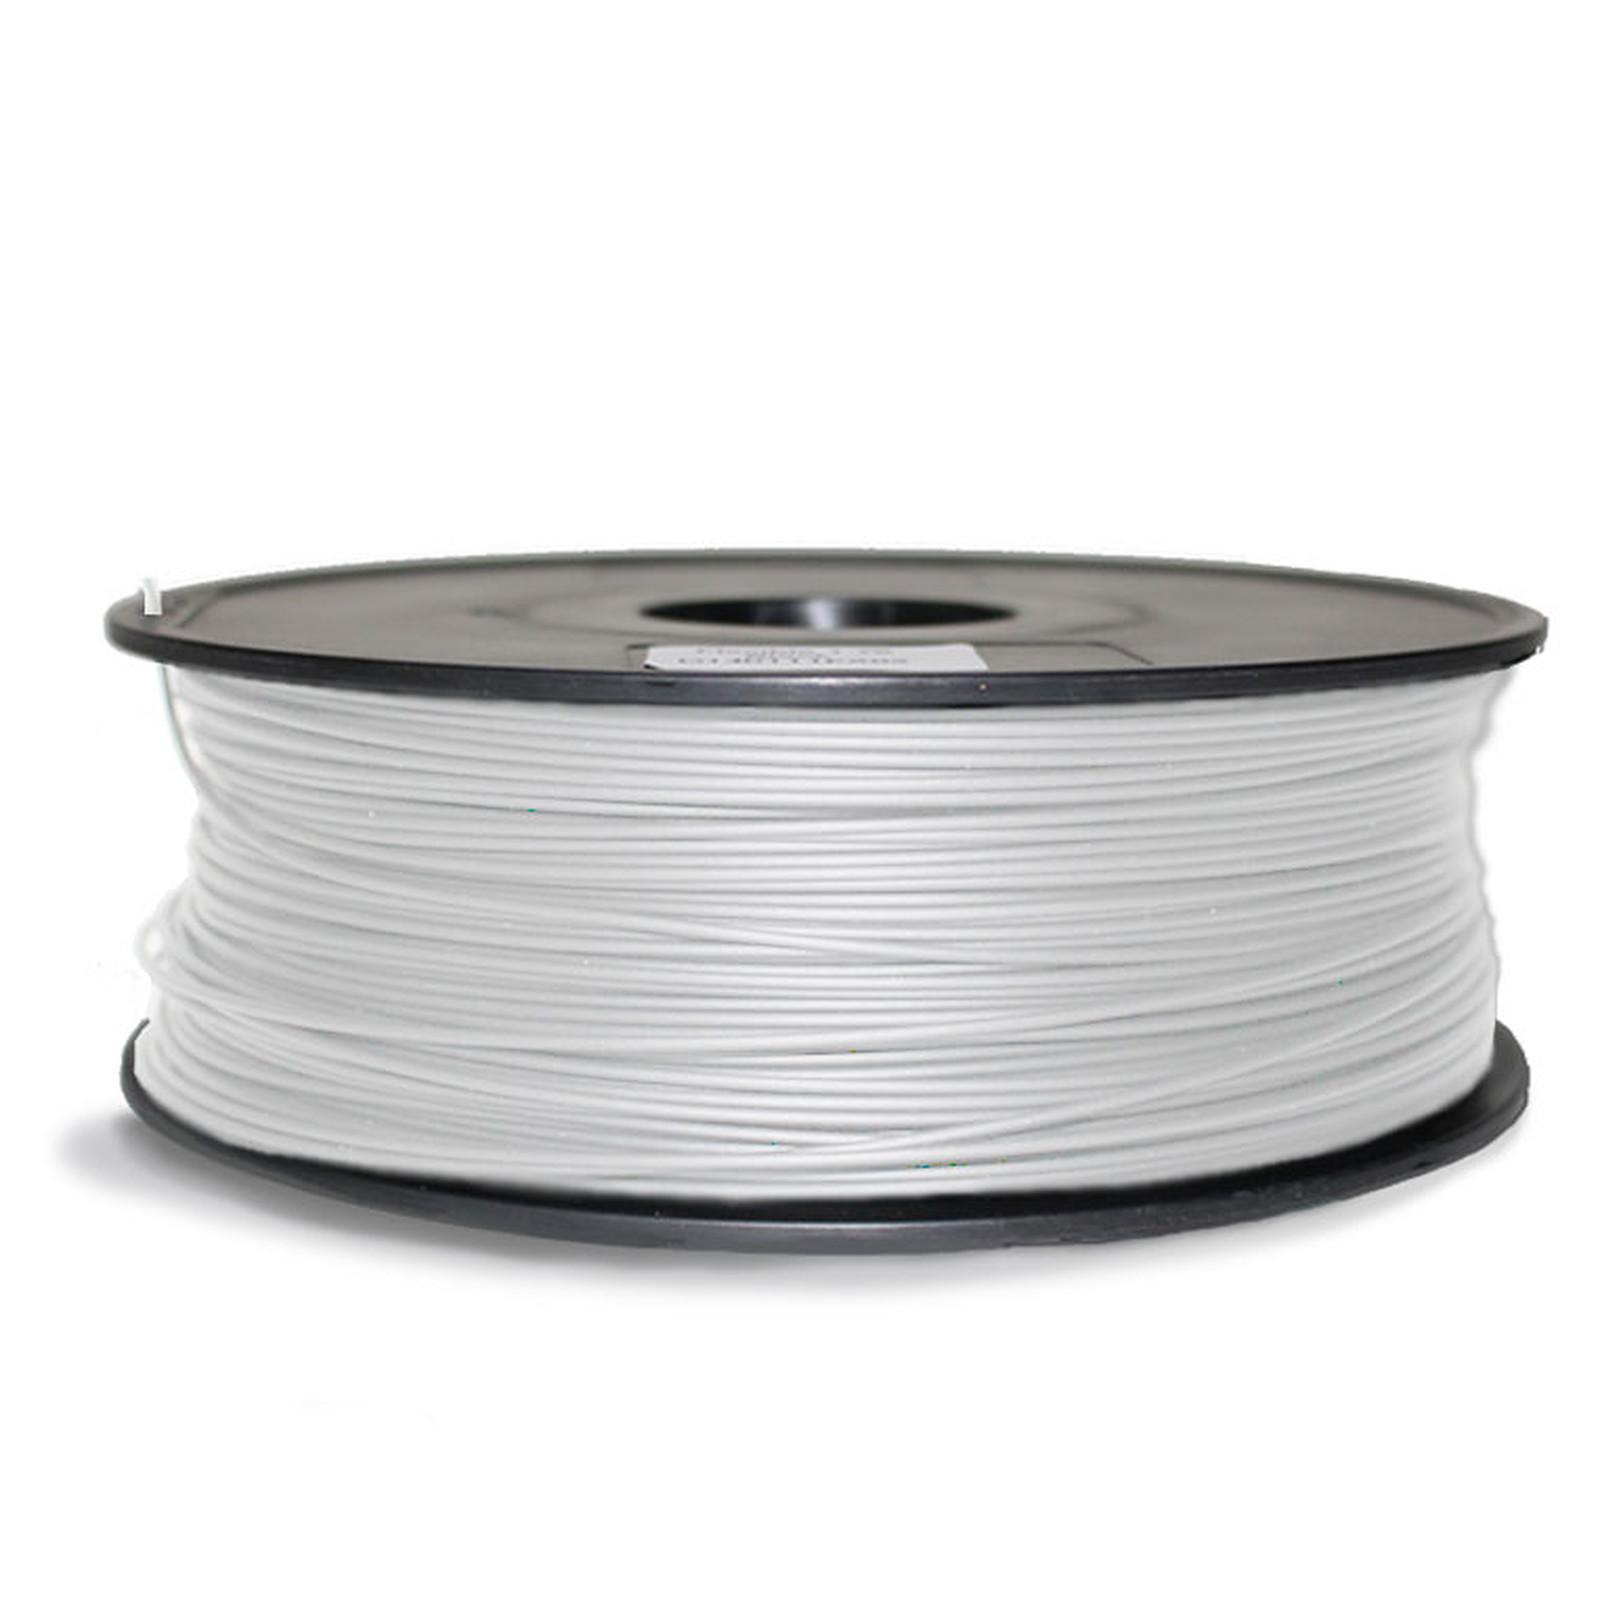 PP3DP Filament ABS UP! 700g pour imprimante 3D - Blanc